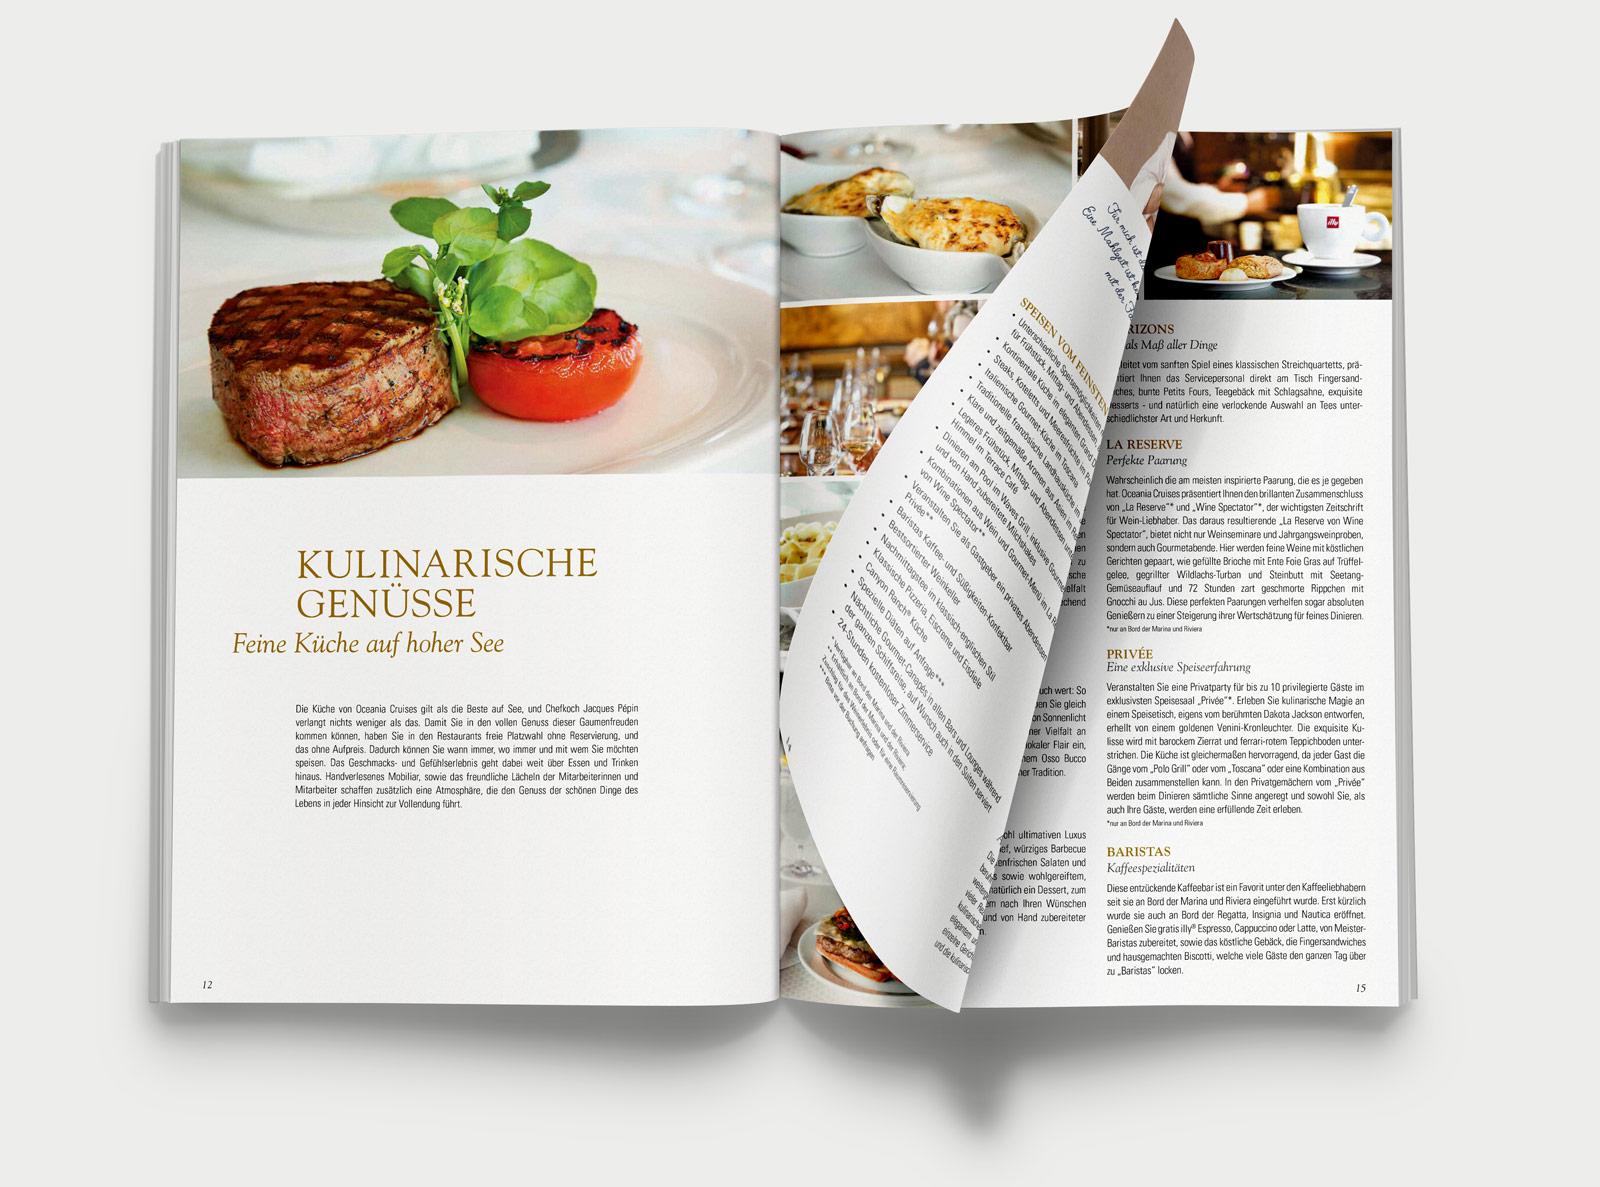 Oceania Cruises Kreuzfahrten Katalog Kulinarik